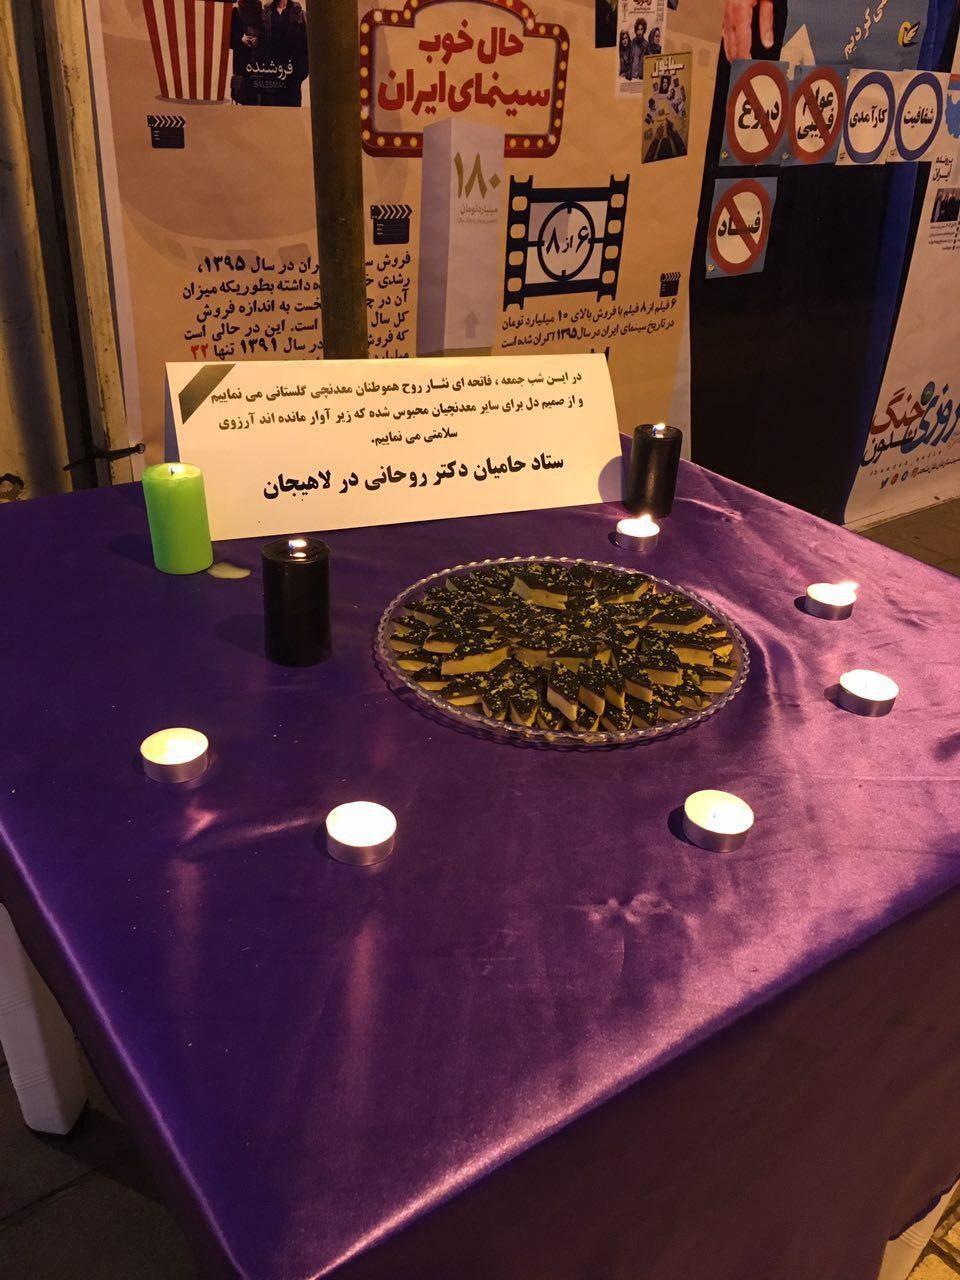 حامیان دکتر روحانی در لاهیجان یاد و خاطره كارگران شريف معدن یورت را گرامی داشتند + تصویر